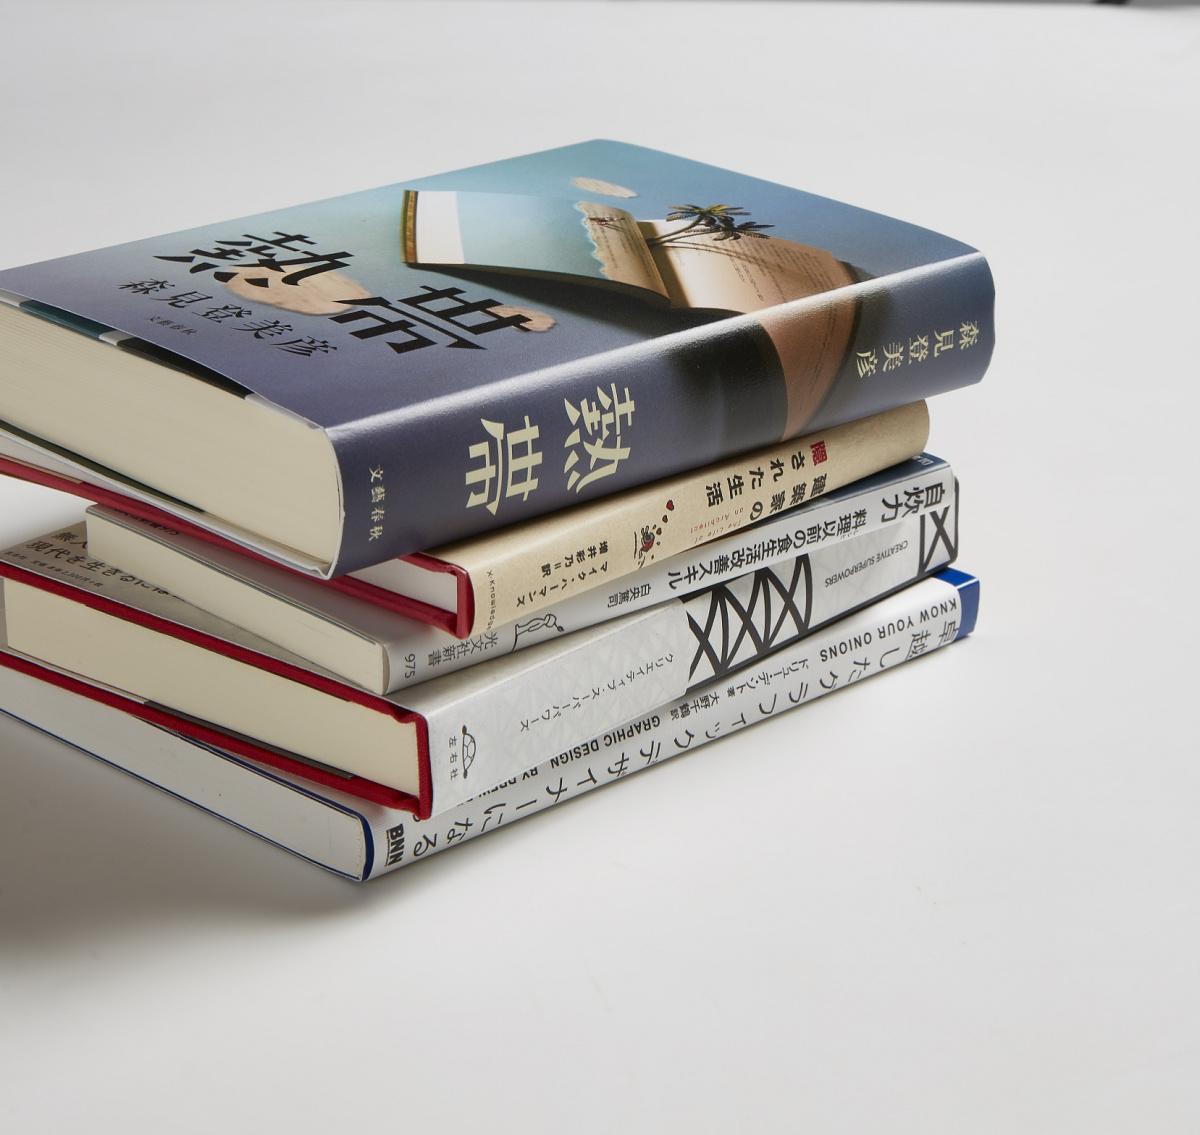 今年は新たな発想を武器にする! クリエイティビティを刺激する本5冊。